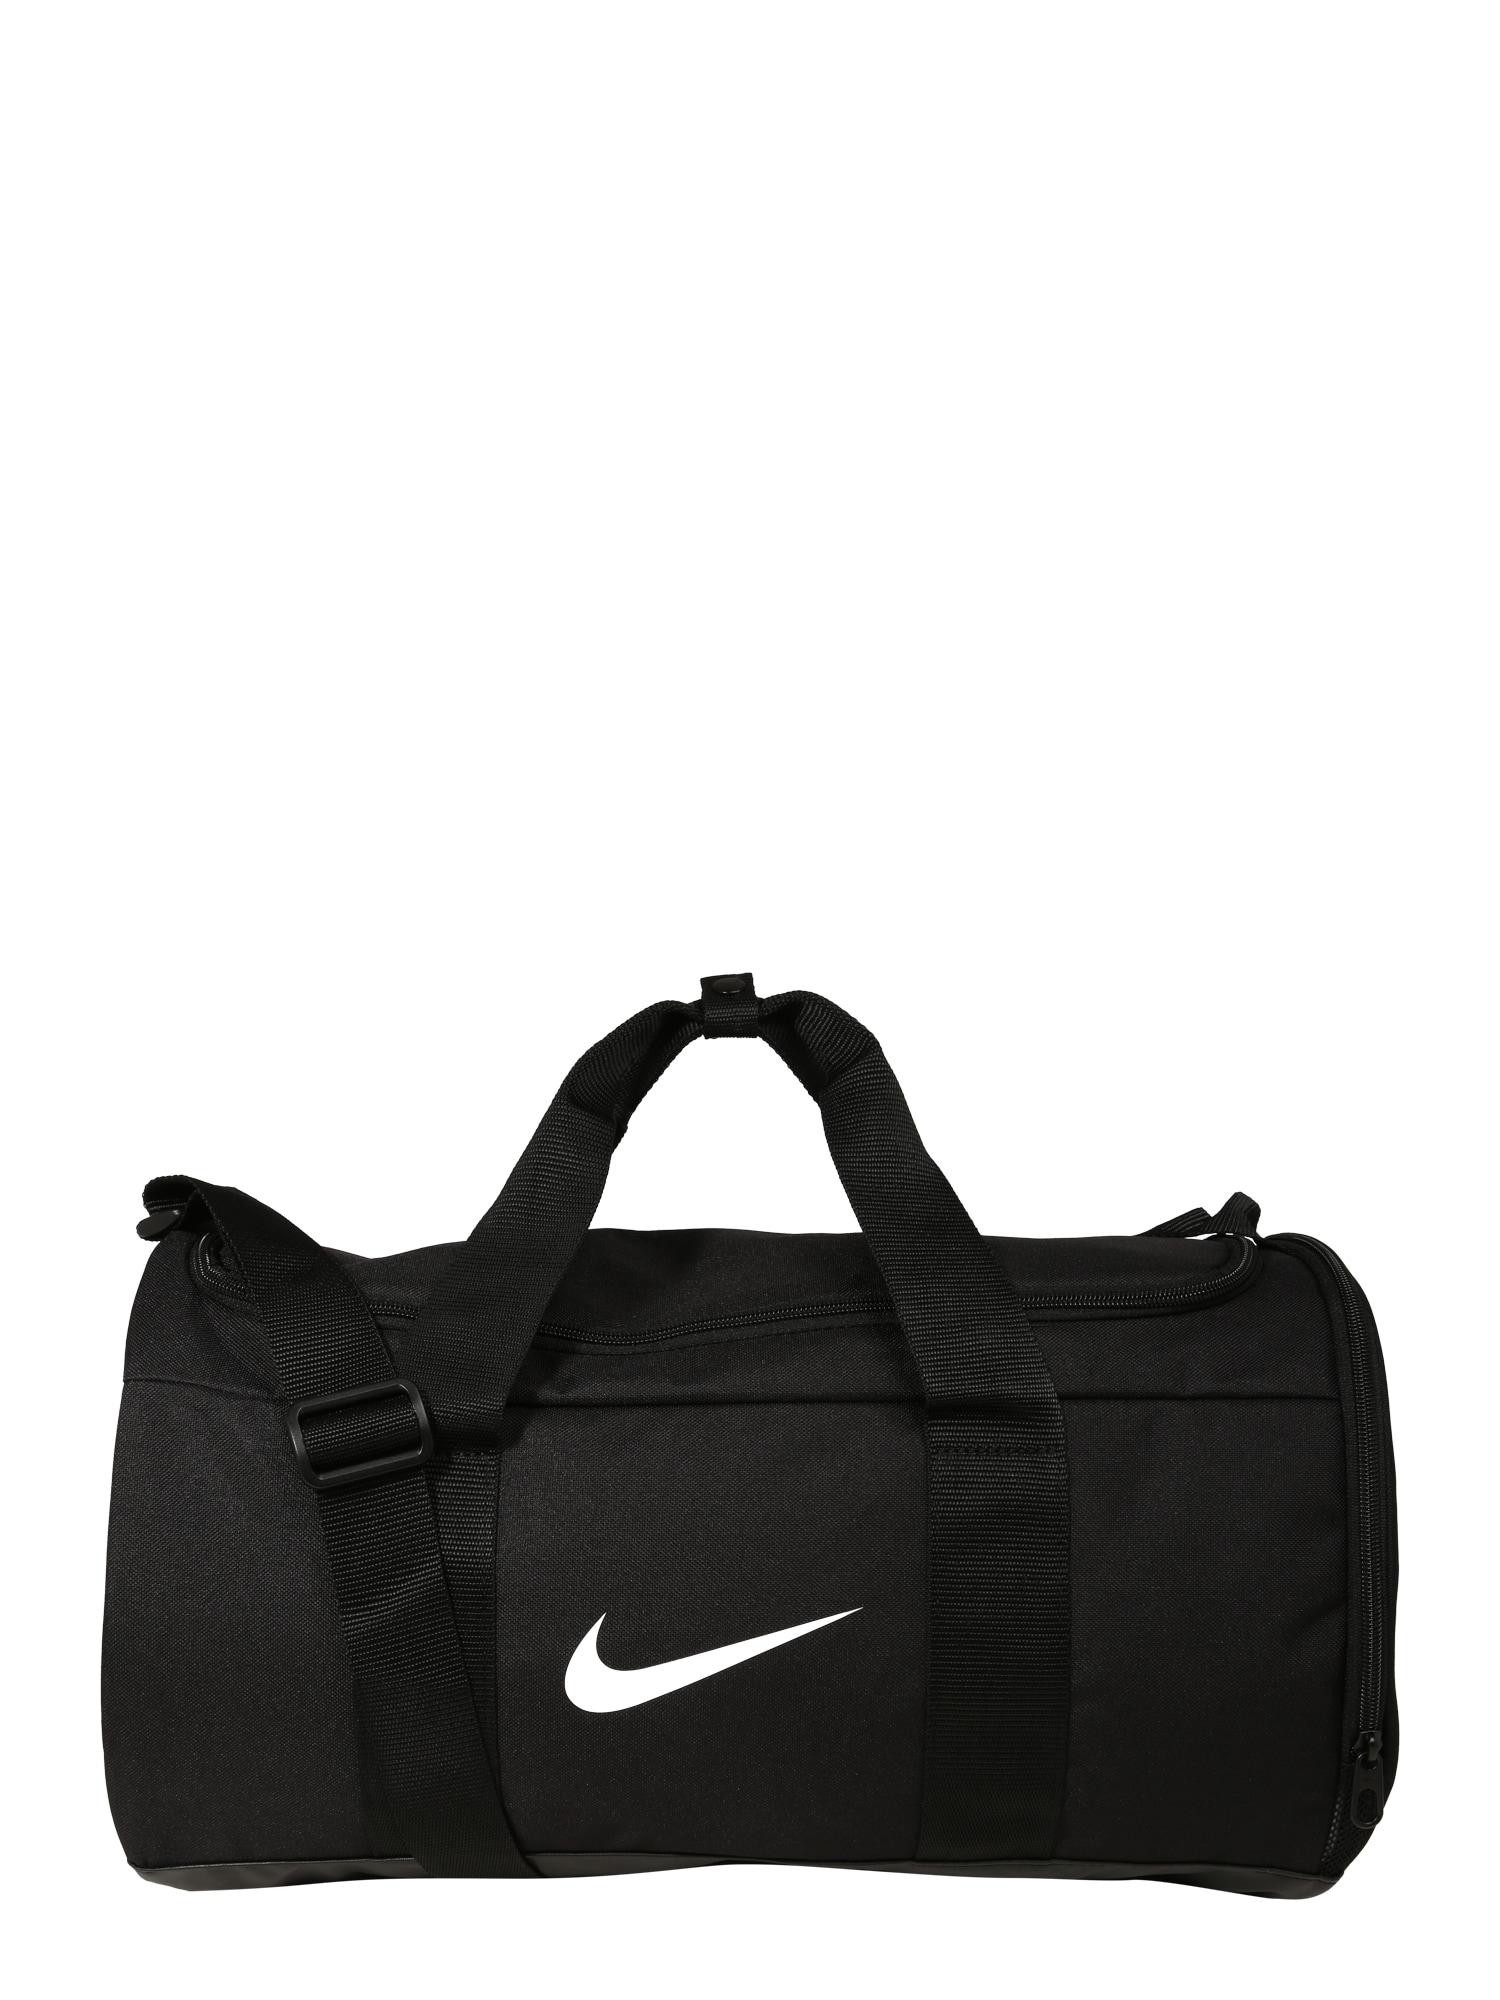 Sportovní taška Nike Team černá bílá NIKE